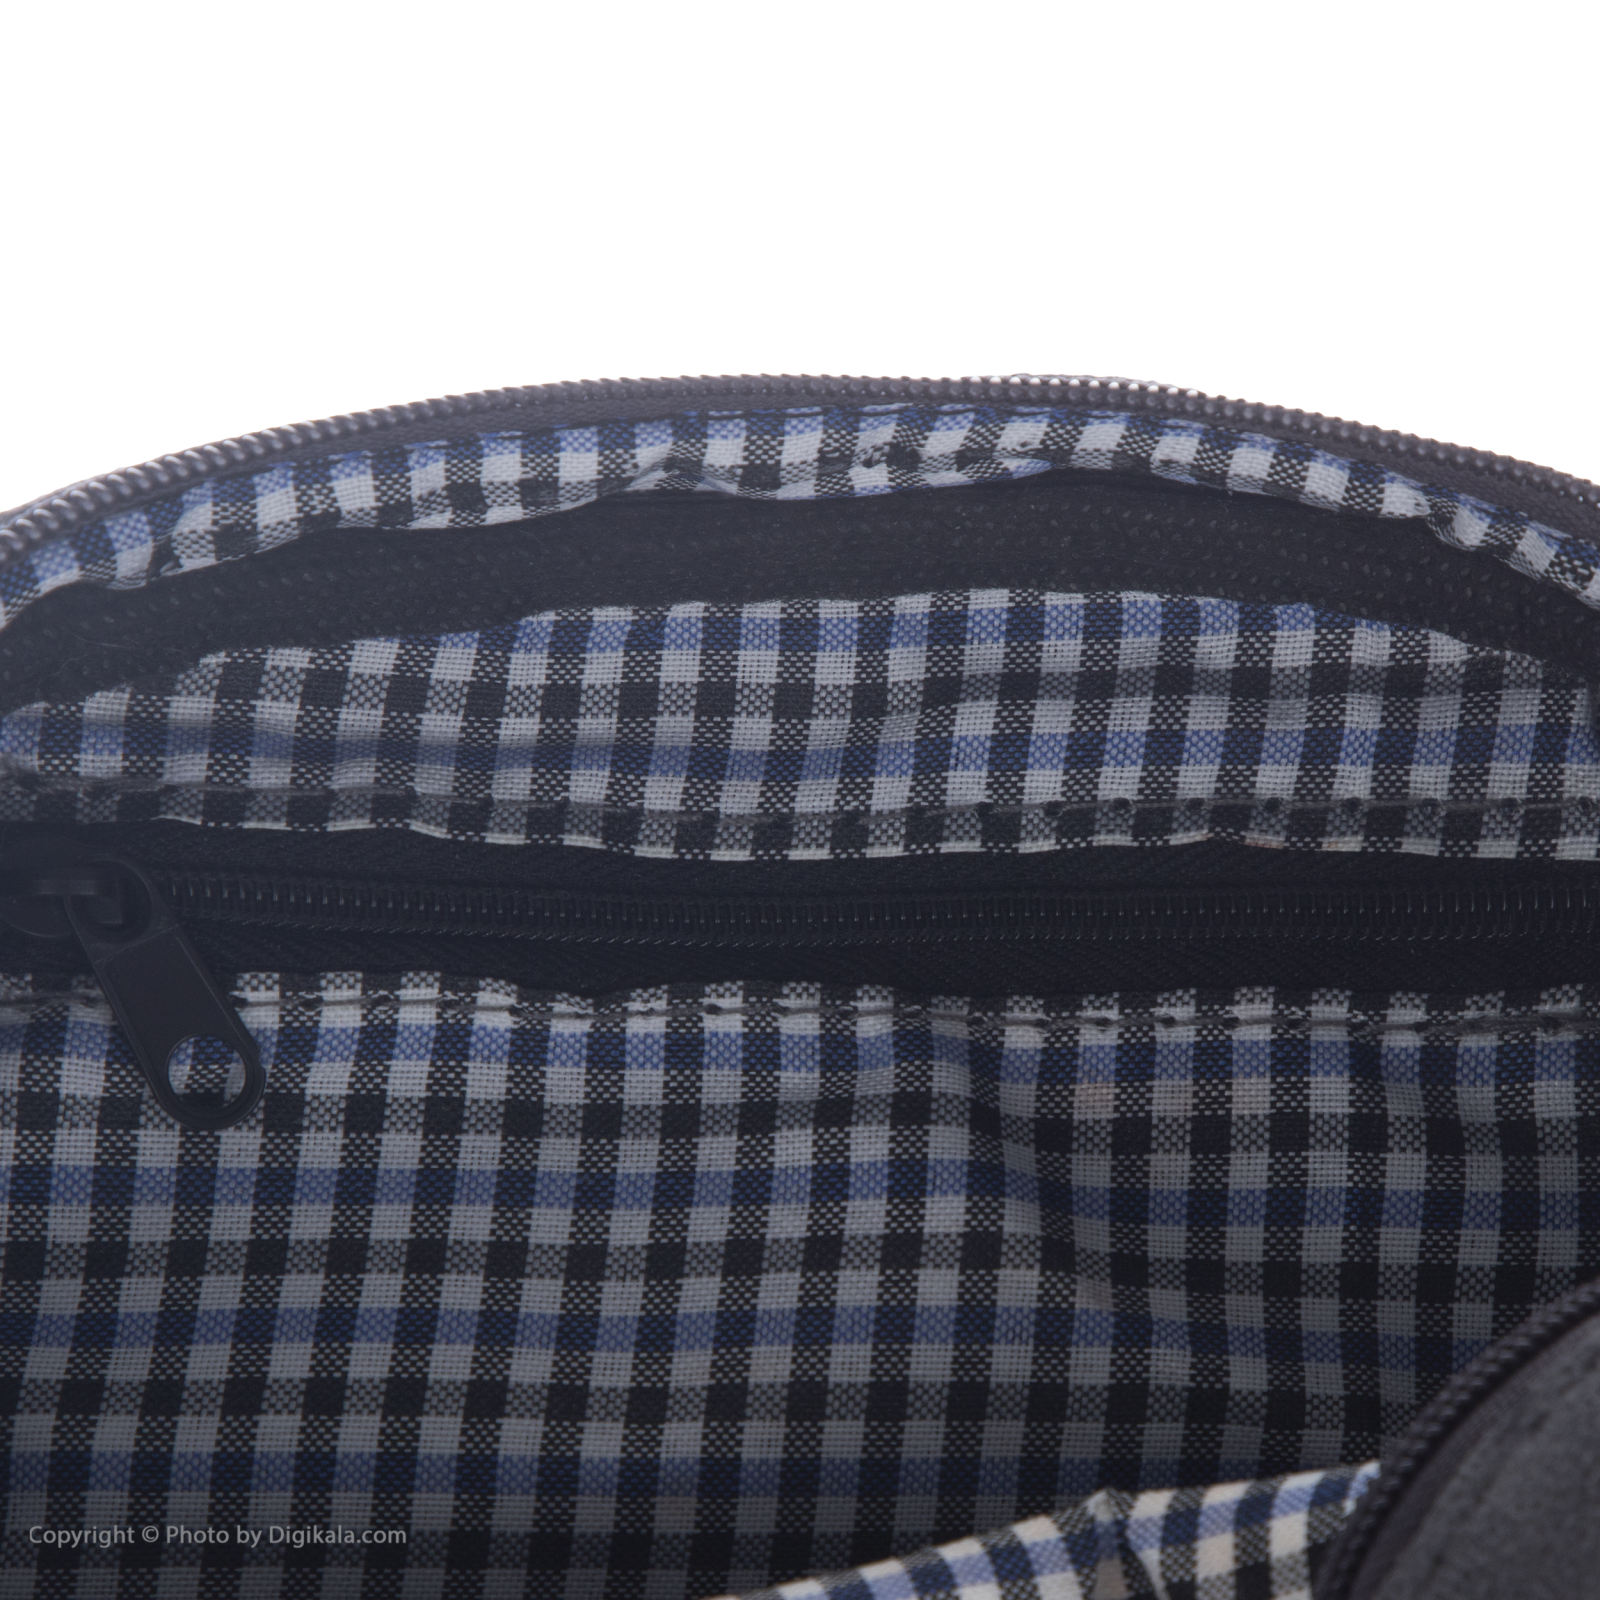 کیف رودوشی زنانه میو مدل MBSK127 -  - 4